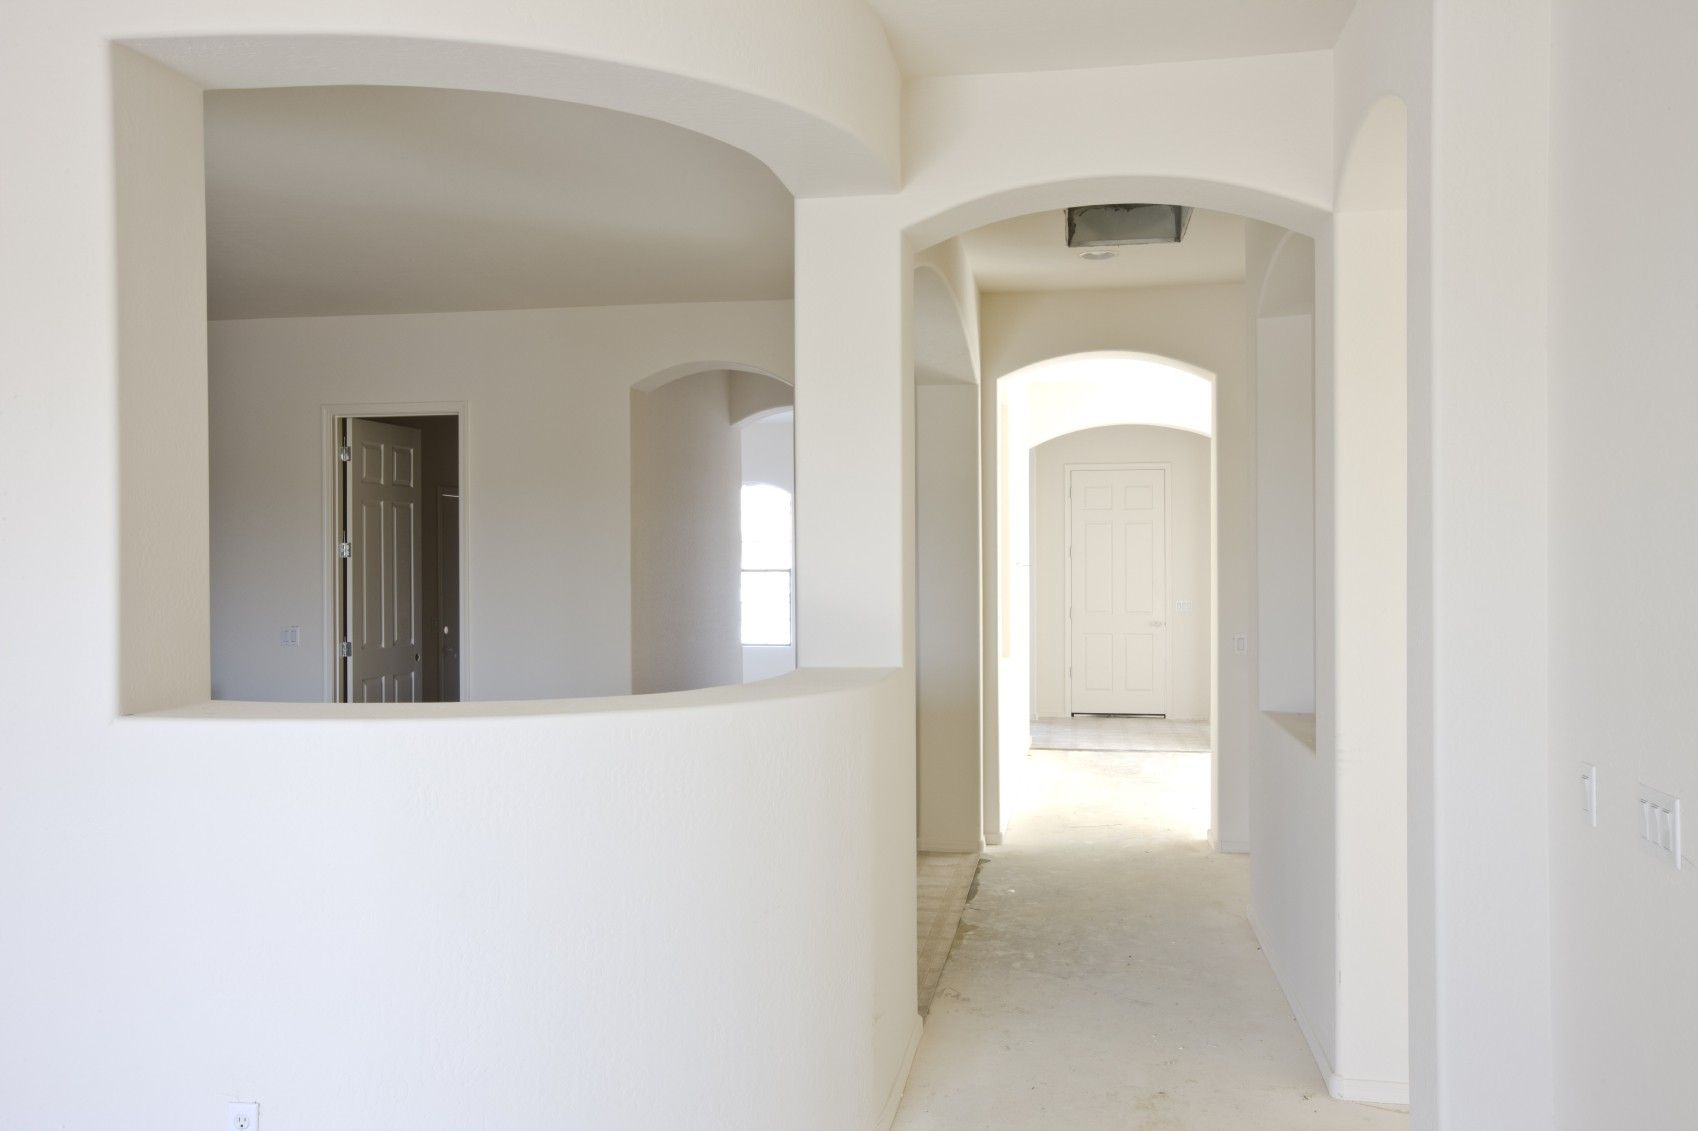 Divisórias Drywall Comprar na Vila Fernando - Divisórias em Drywall